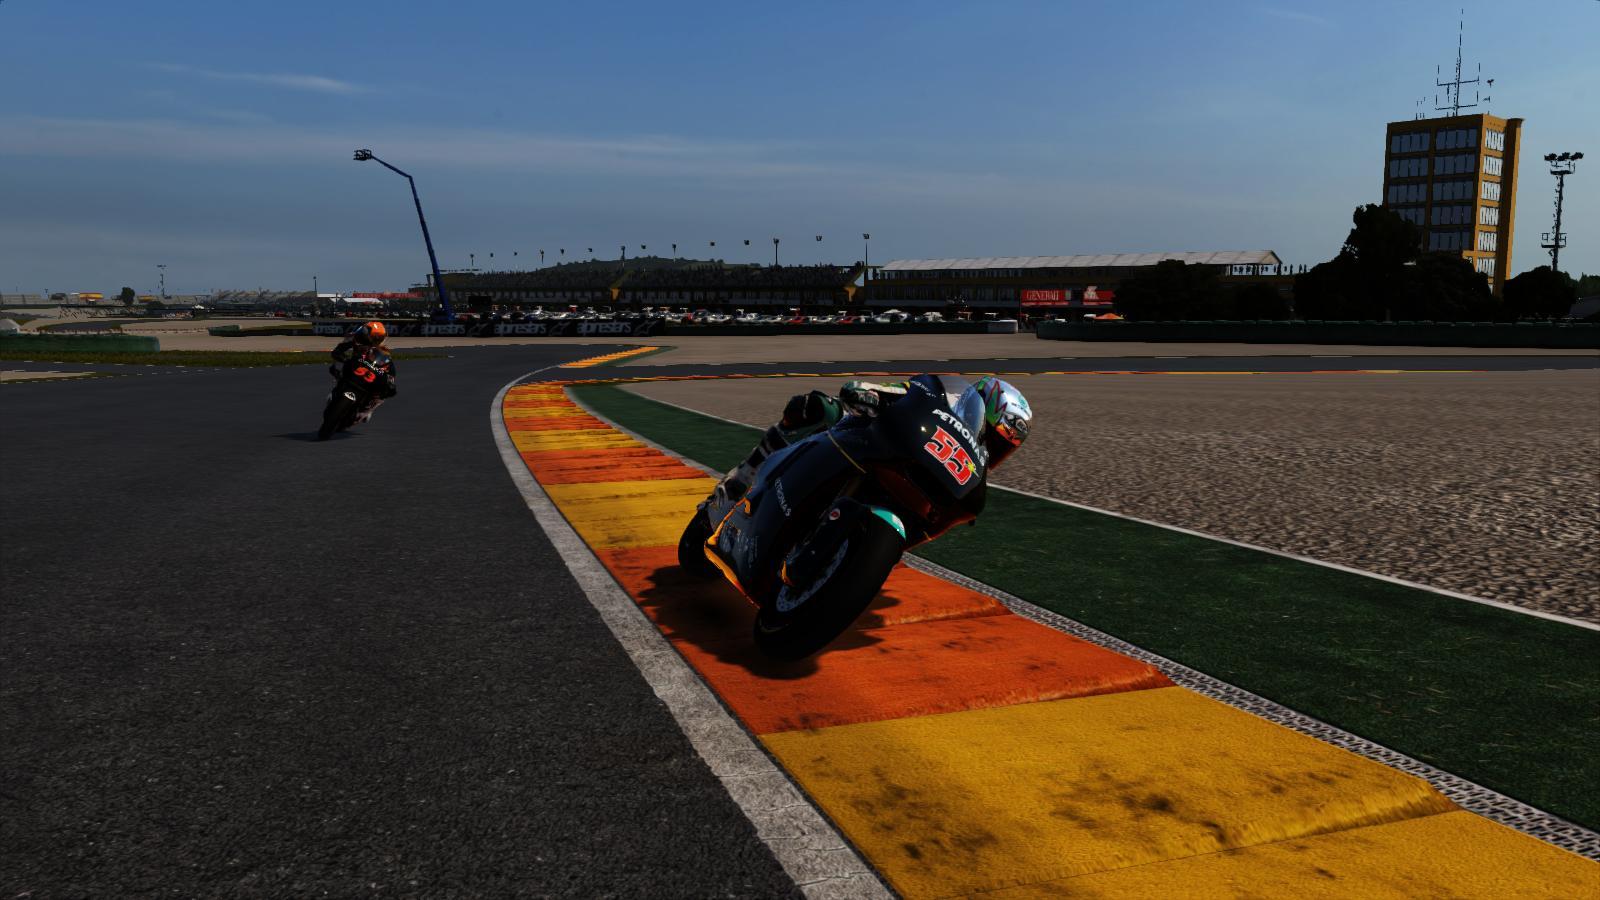 MotoGP14 2015-02-12 23-43-57-72.jpg